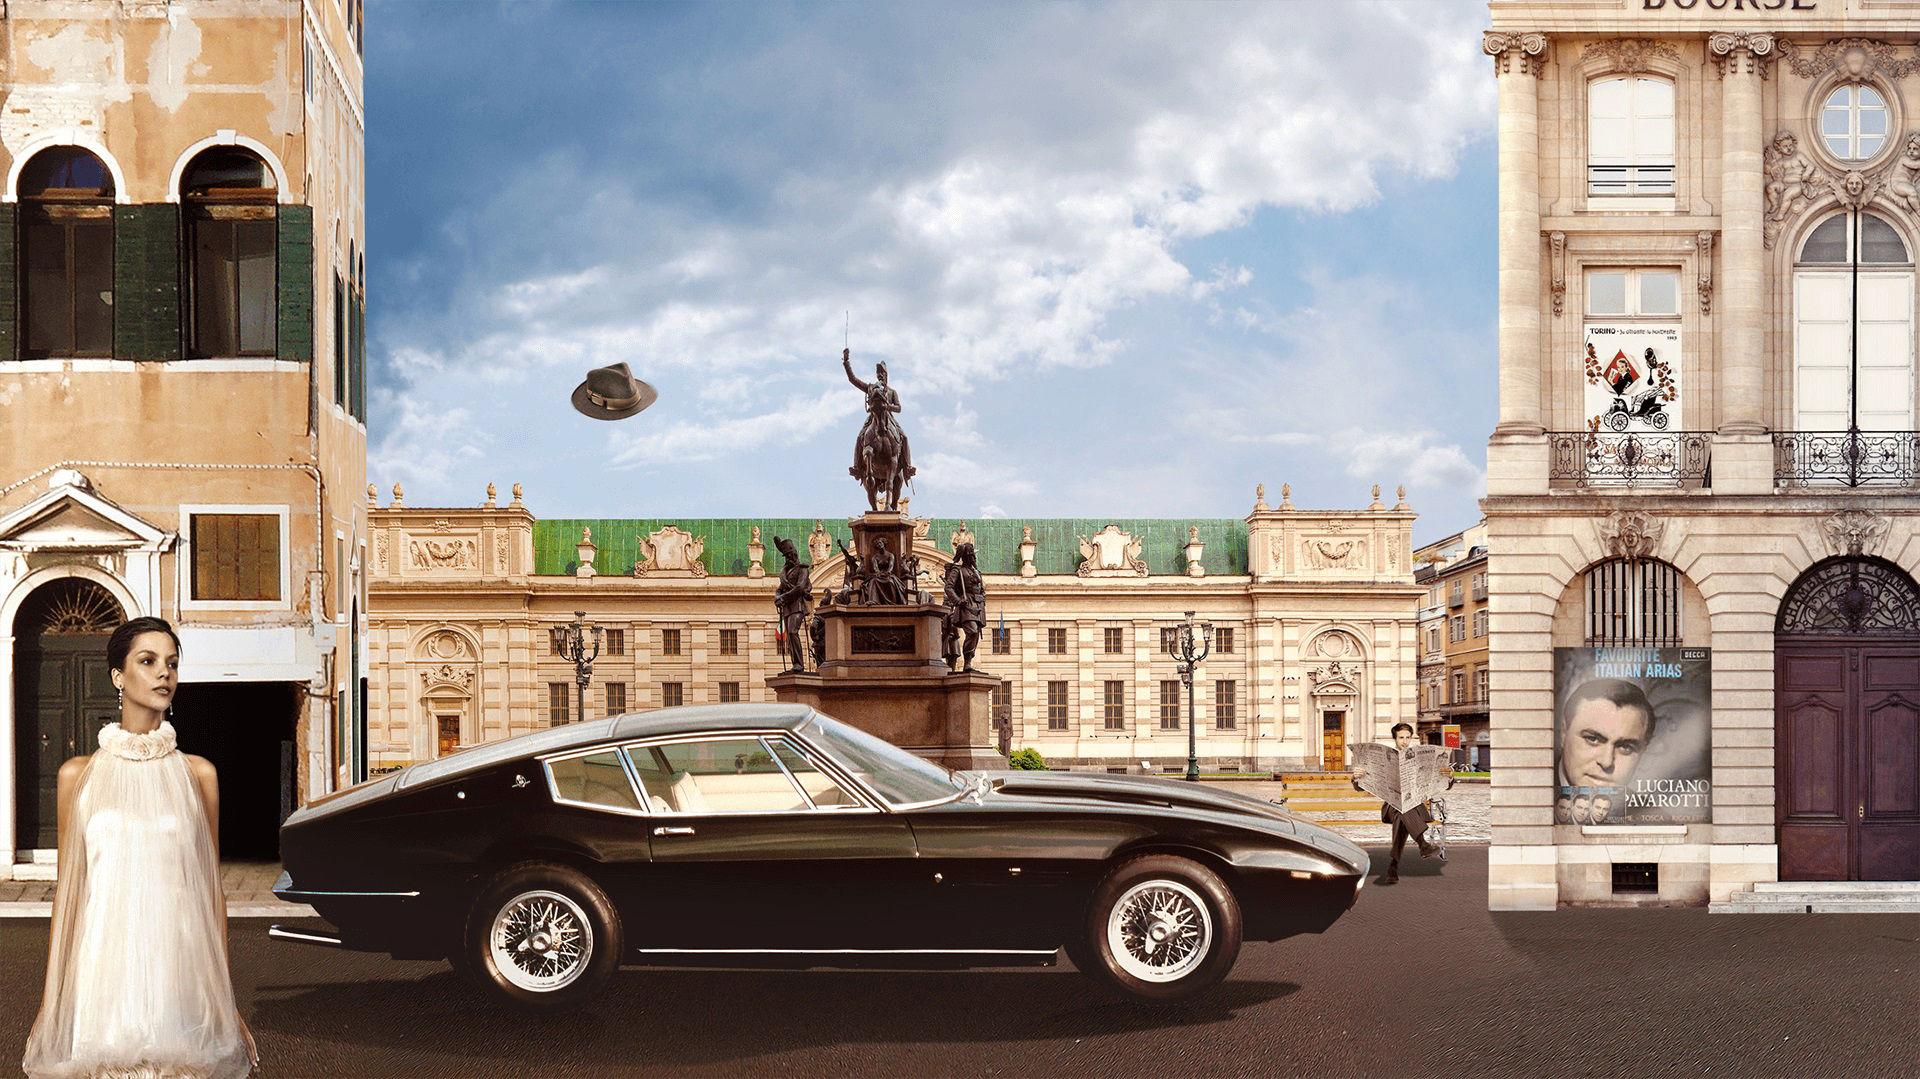 Storia di Maserati - 1960: prima Maserati Ghibli a Torino